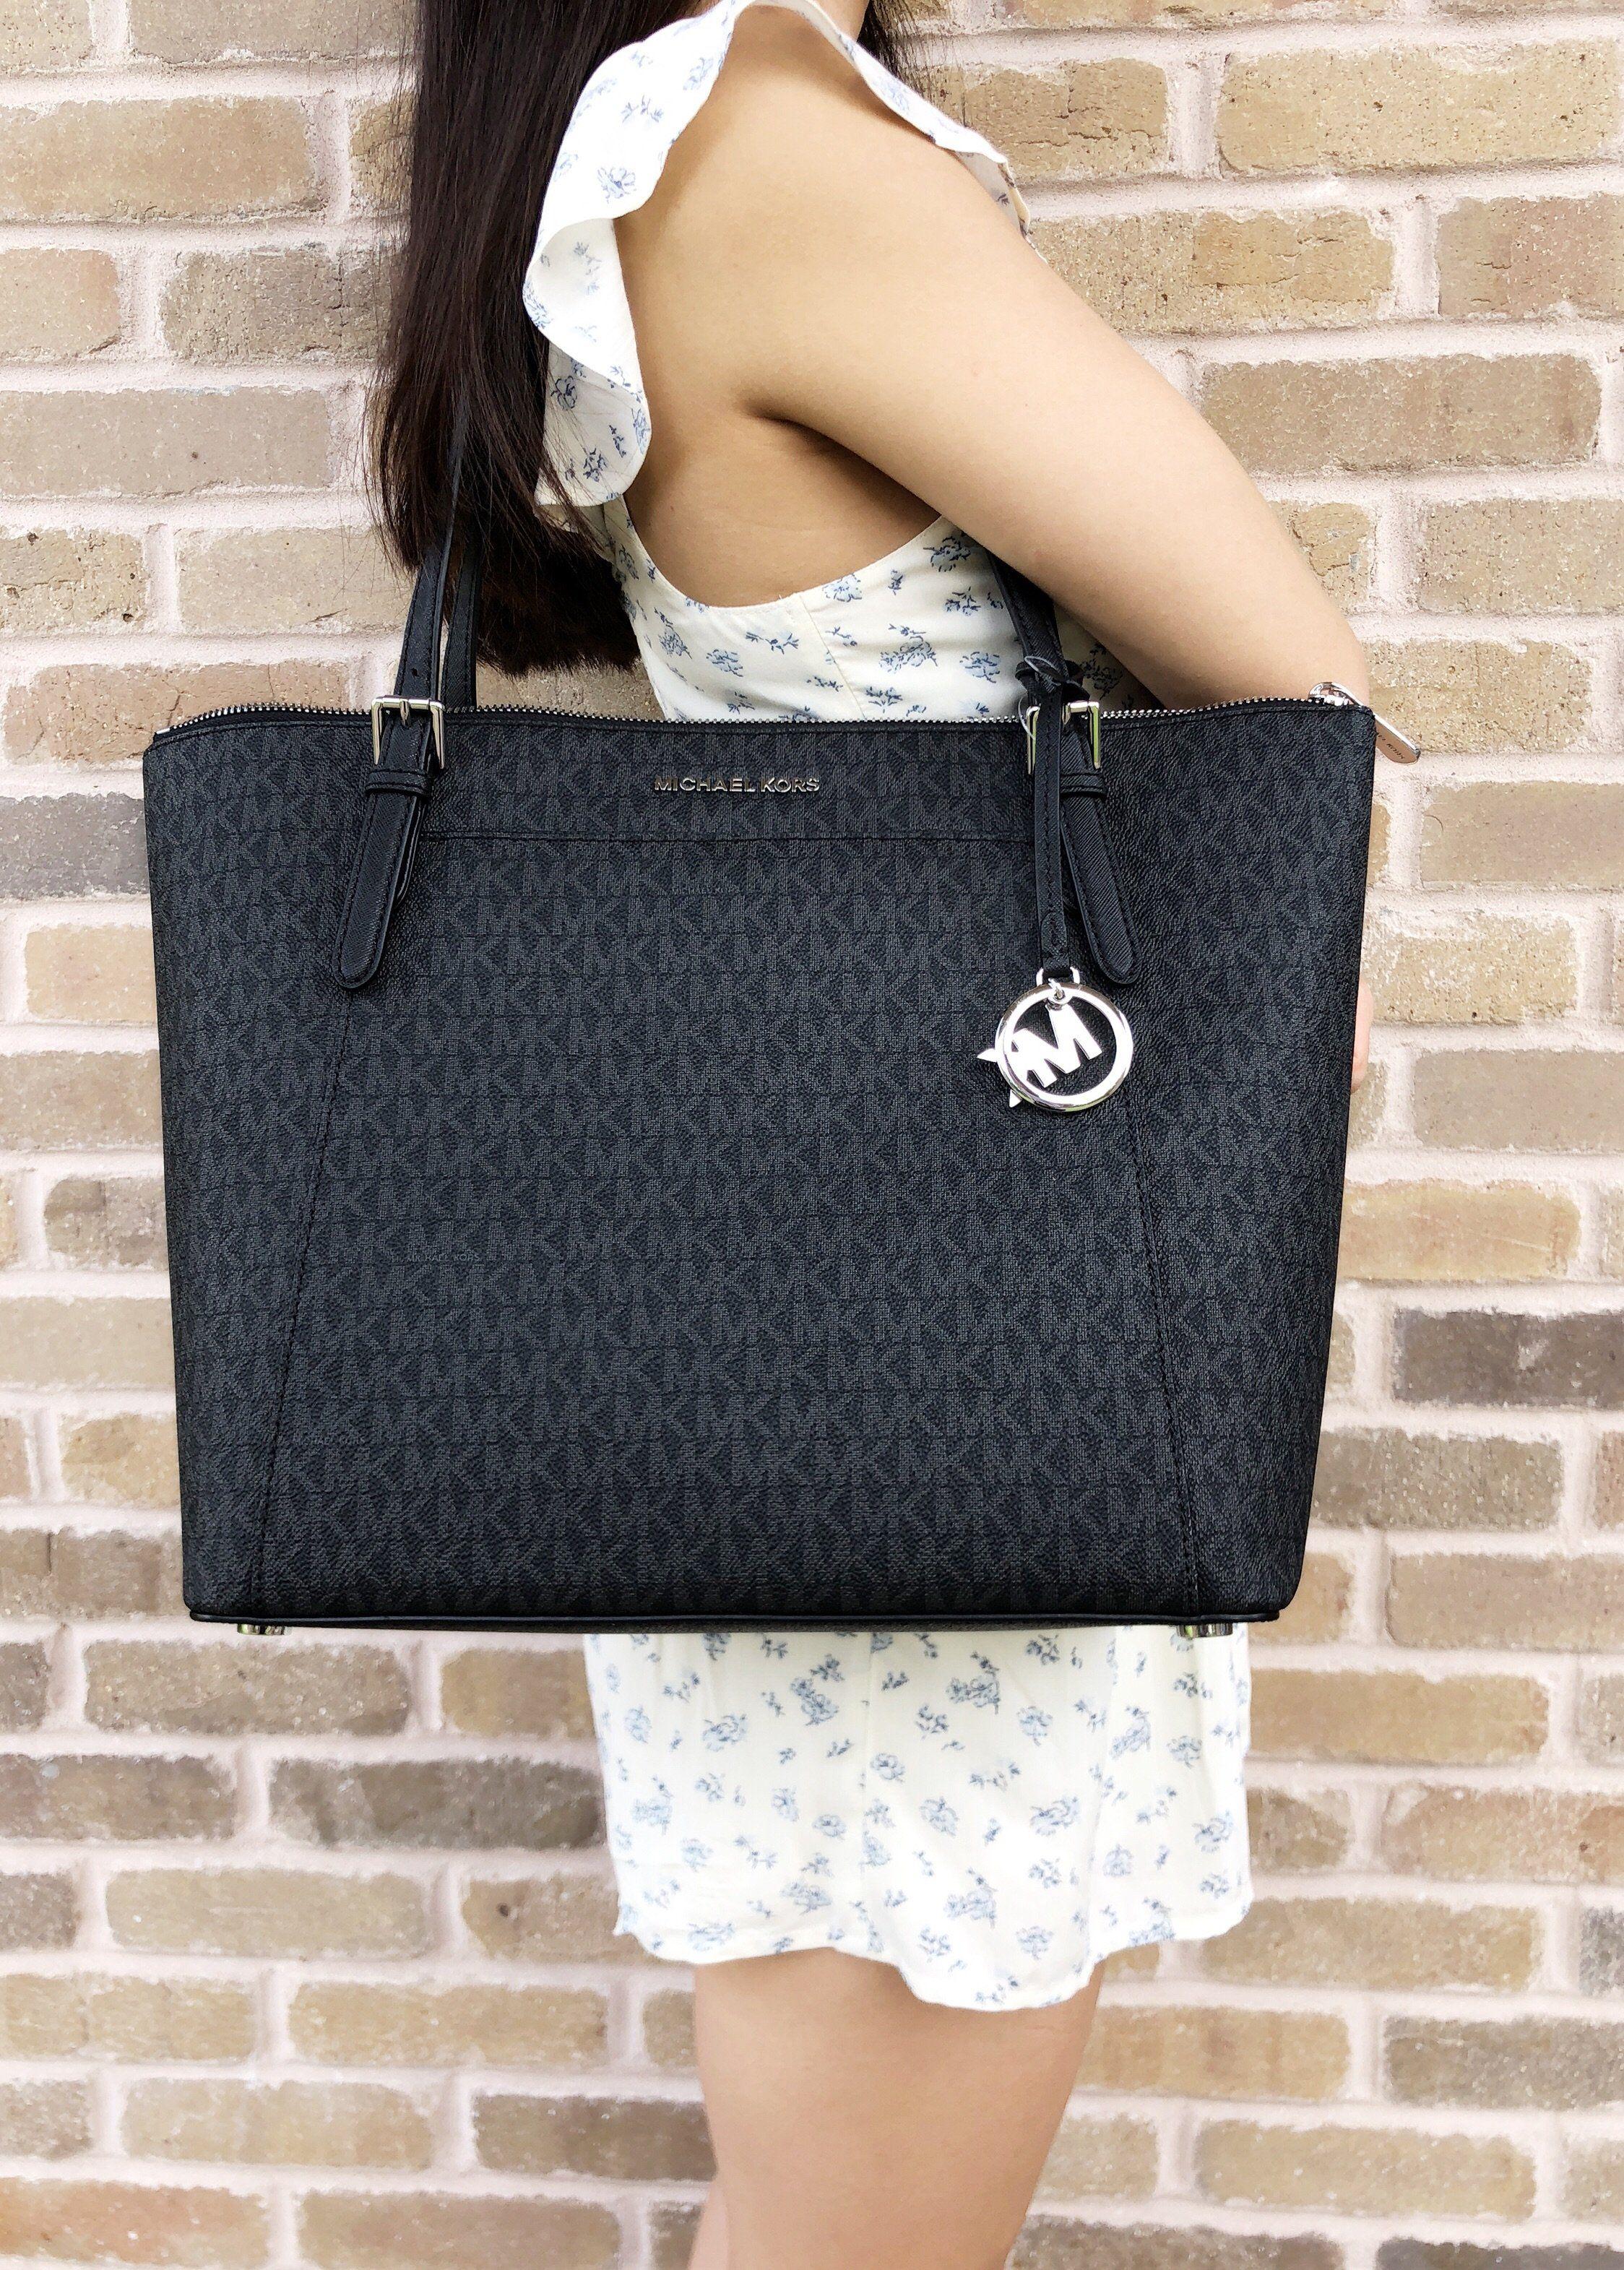 7bbcf2ebebad Michael Kors Ciara Large East West Top Zip Tote Black MK Signature  MK   Handbags  MichaelKors